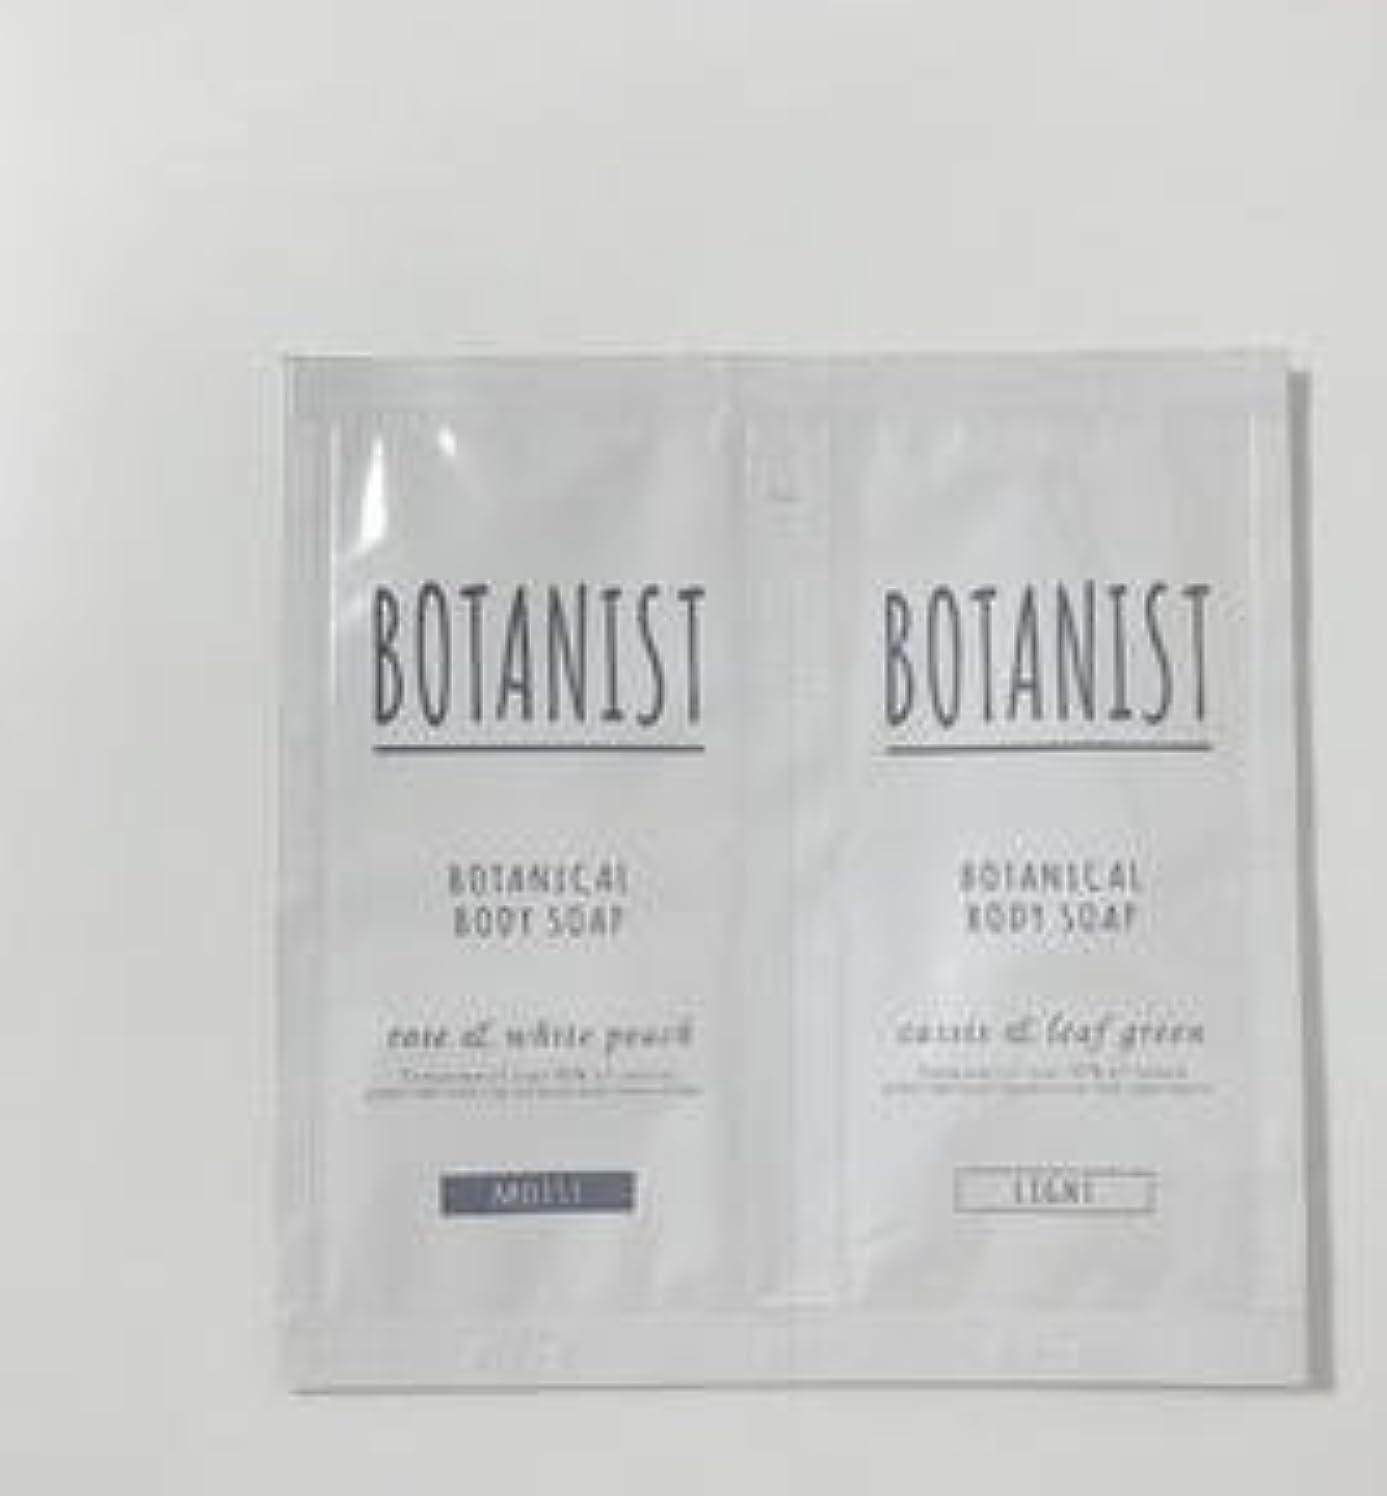 貫通する斧興味BOTANIST ボタニカル ボディーソープ ライト&モイスト トライアルセット 8ml×2 (ライト&モイスト, 1個)